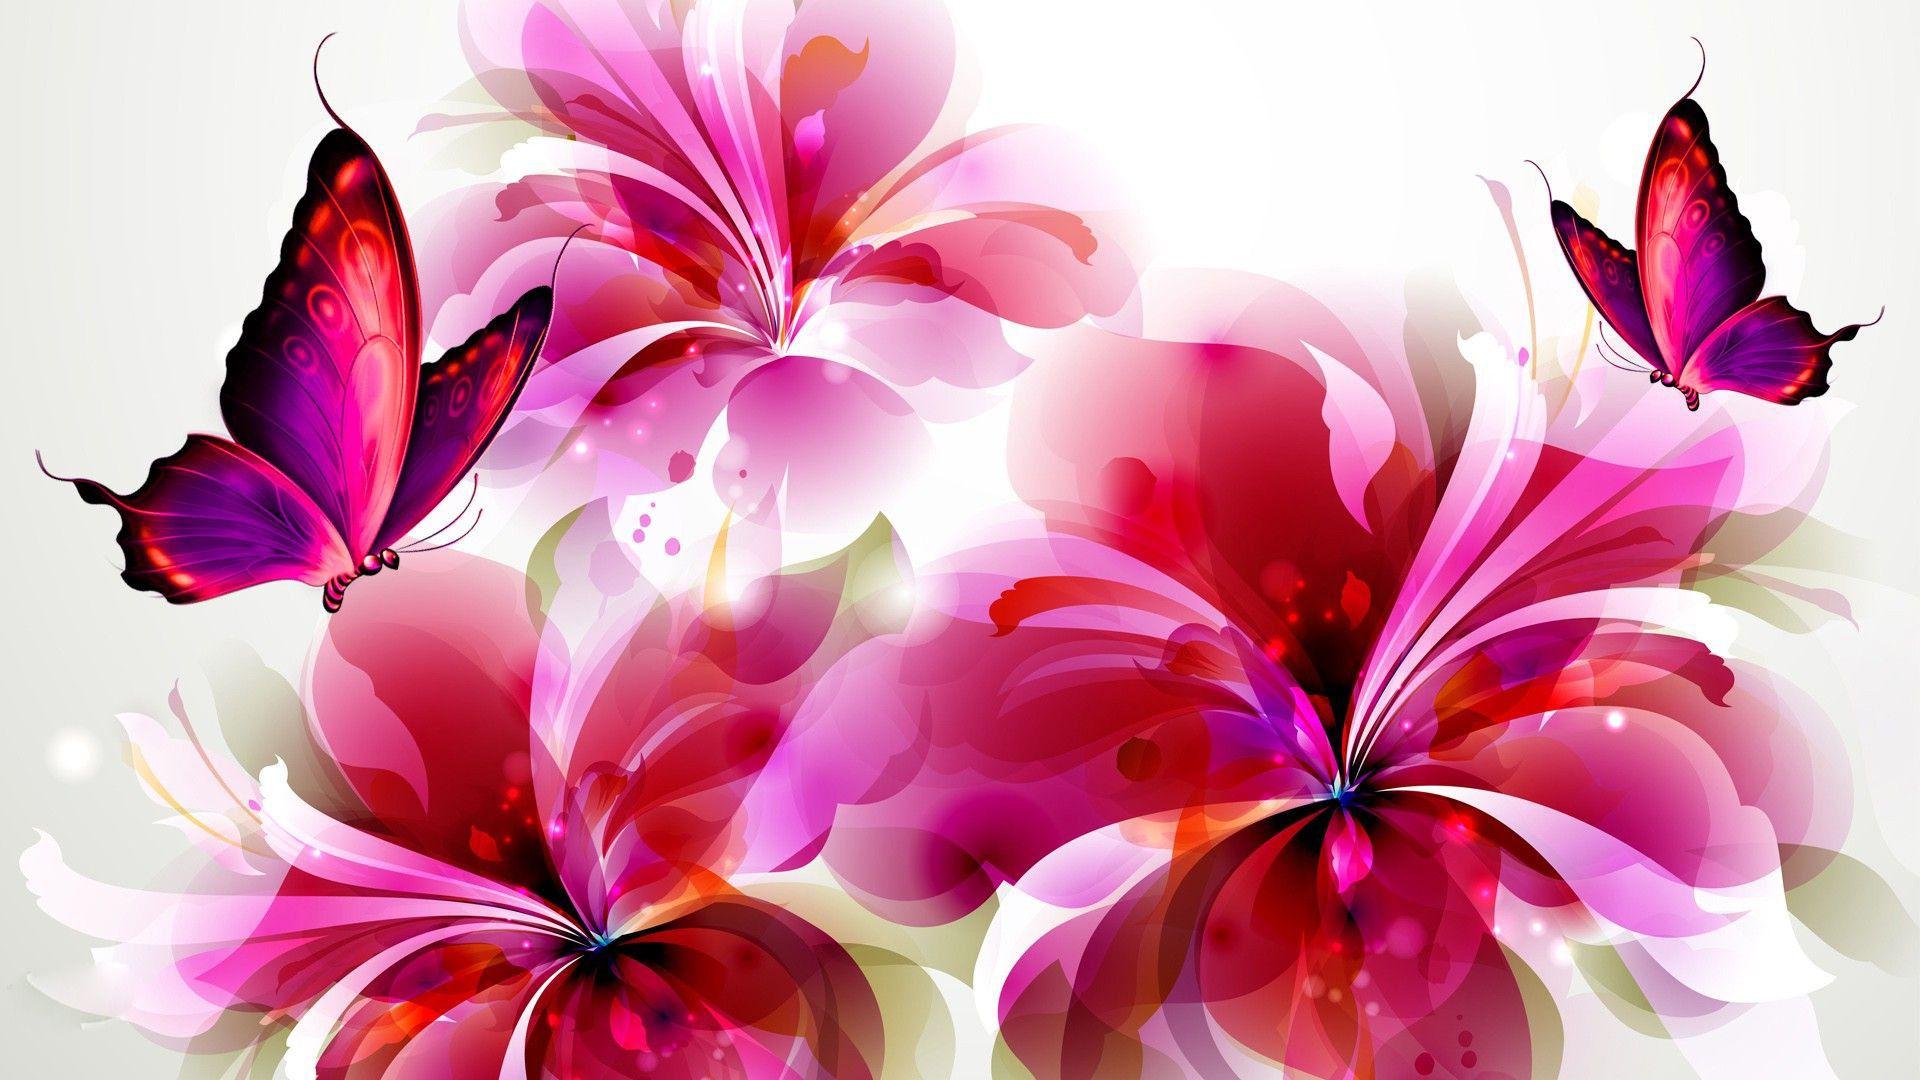 Butterflies and Flowers Clip Art Flowers and butterflies 1920x1080